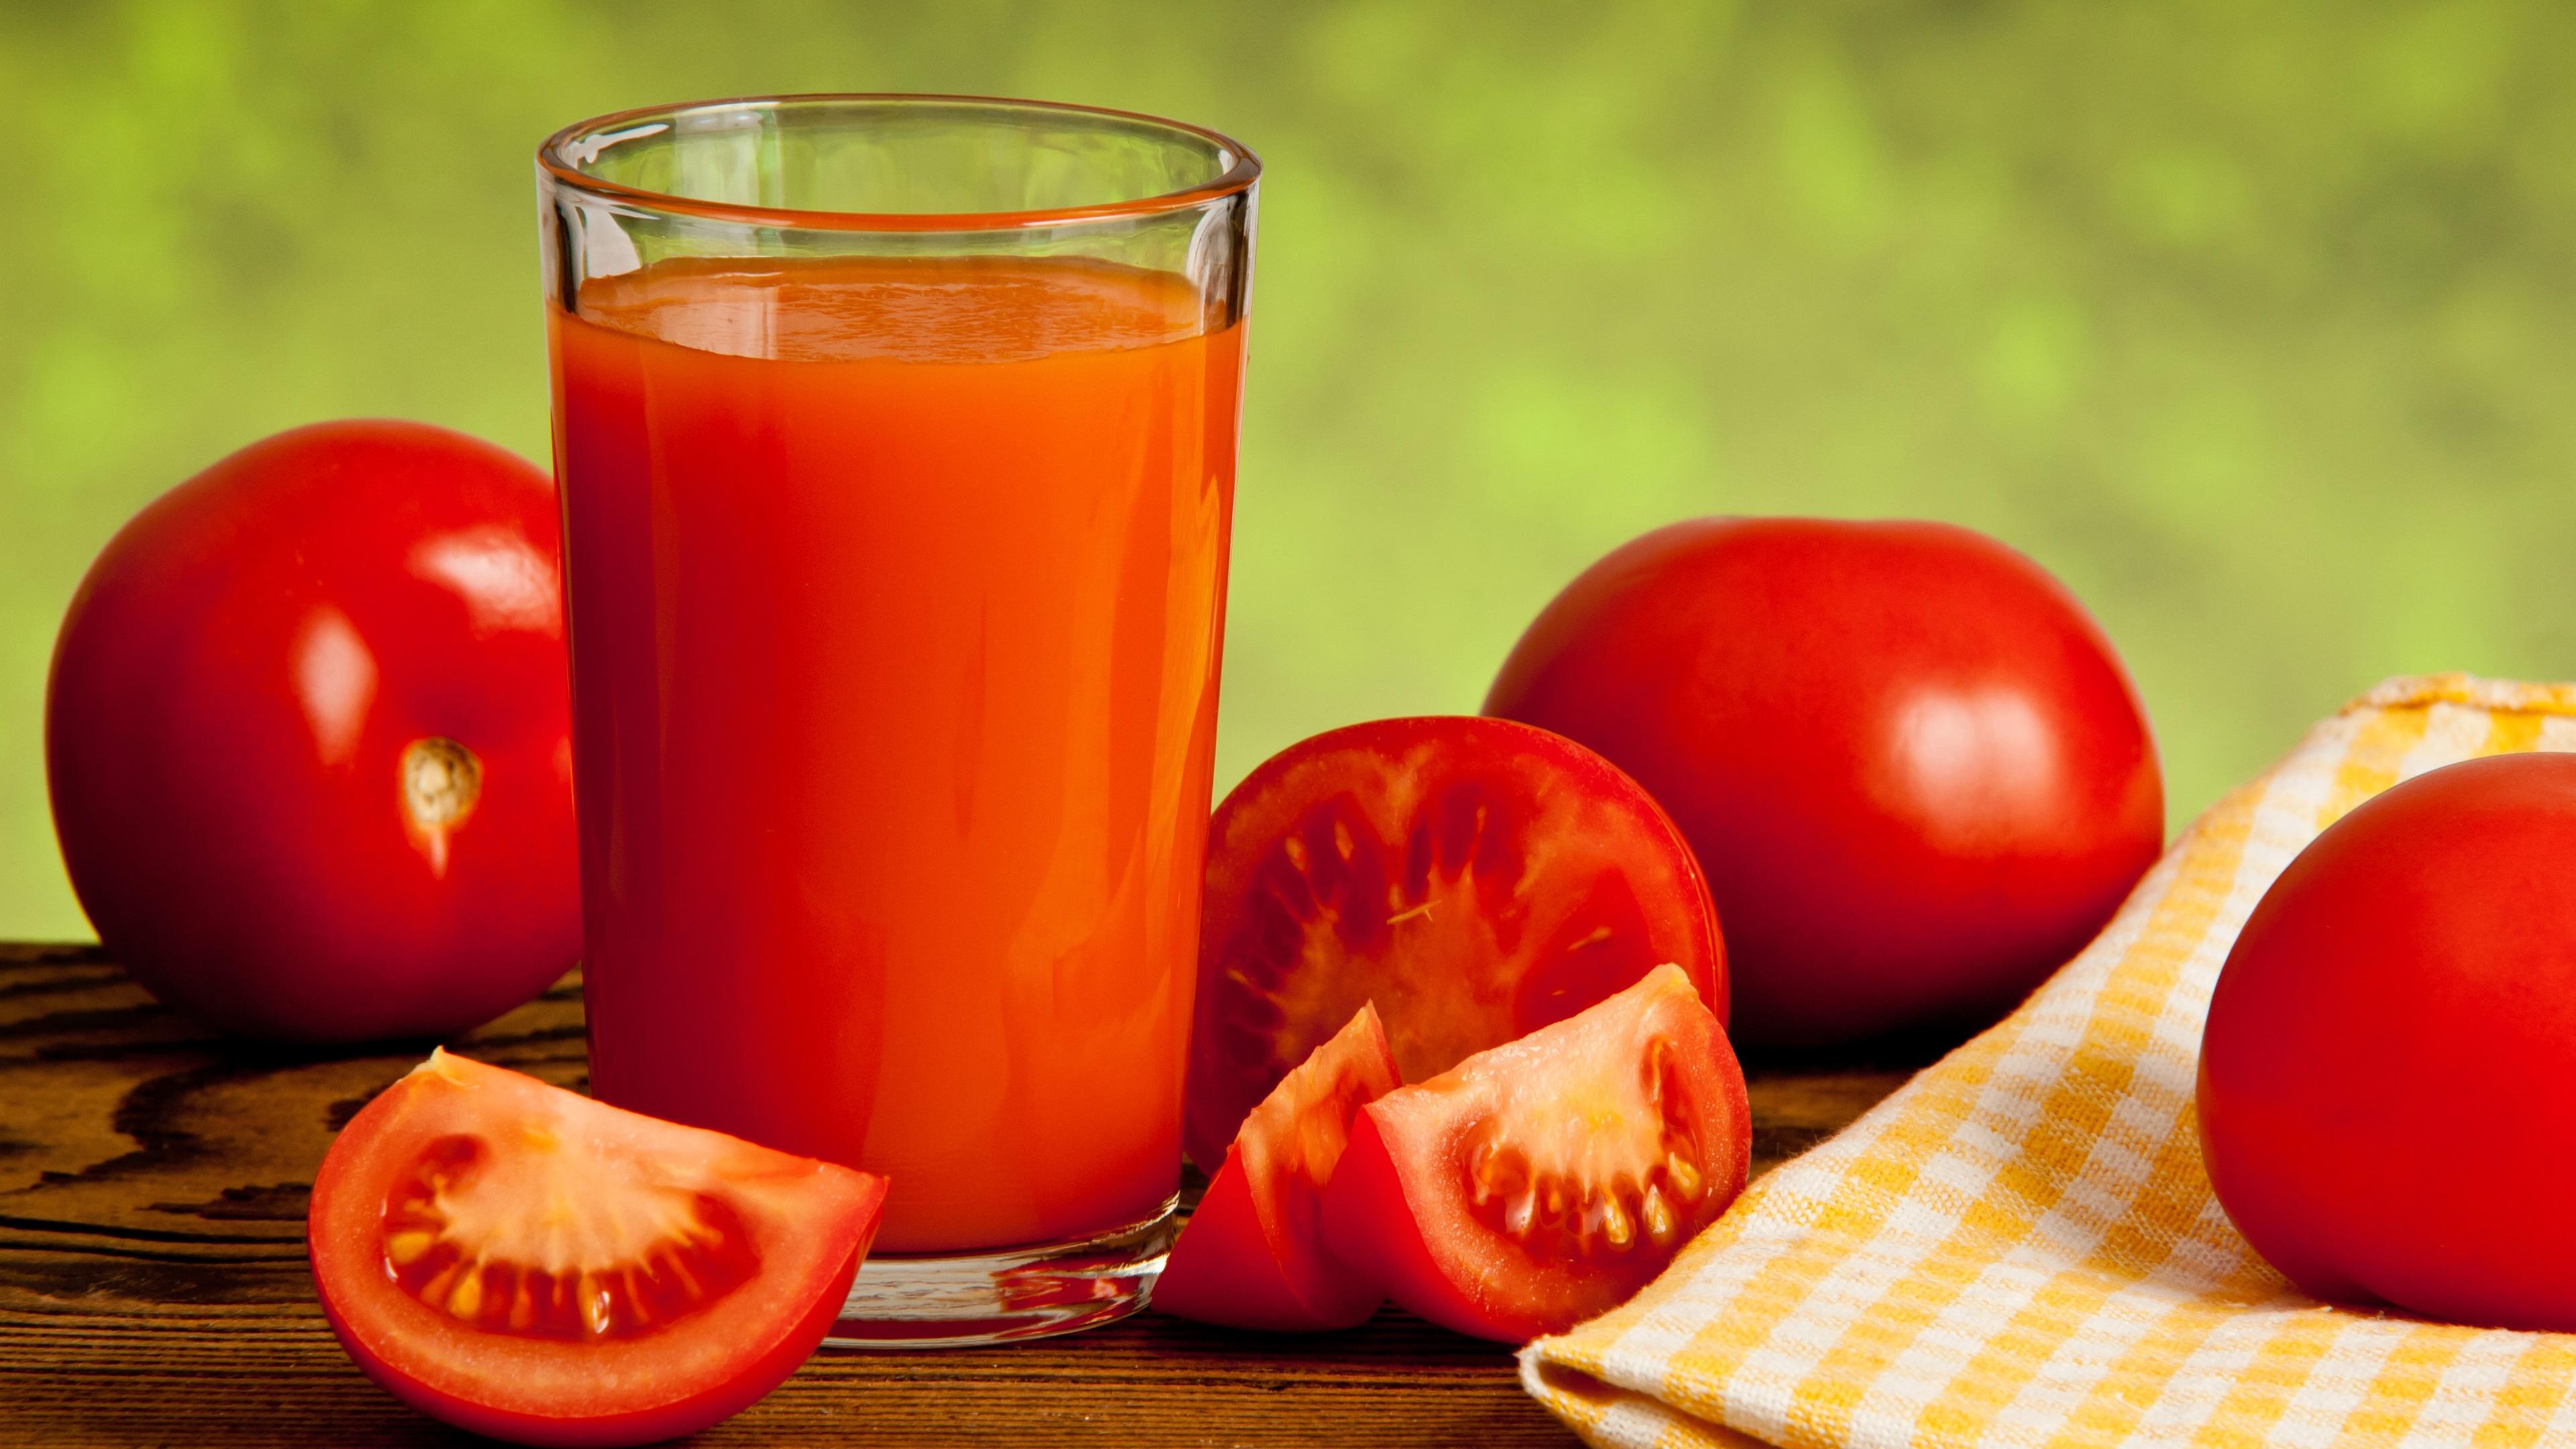 еда помидоры сок томатный ложка  № 2891529 бесплатно